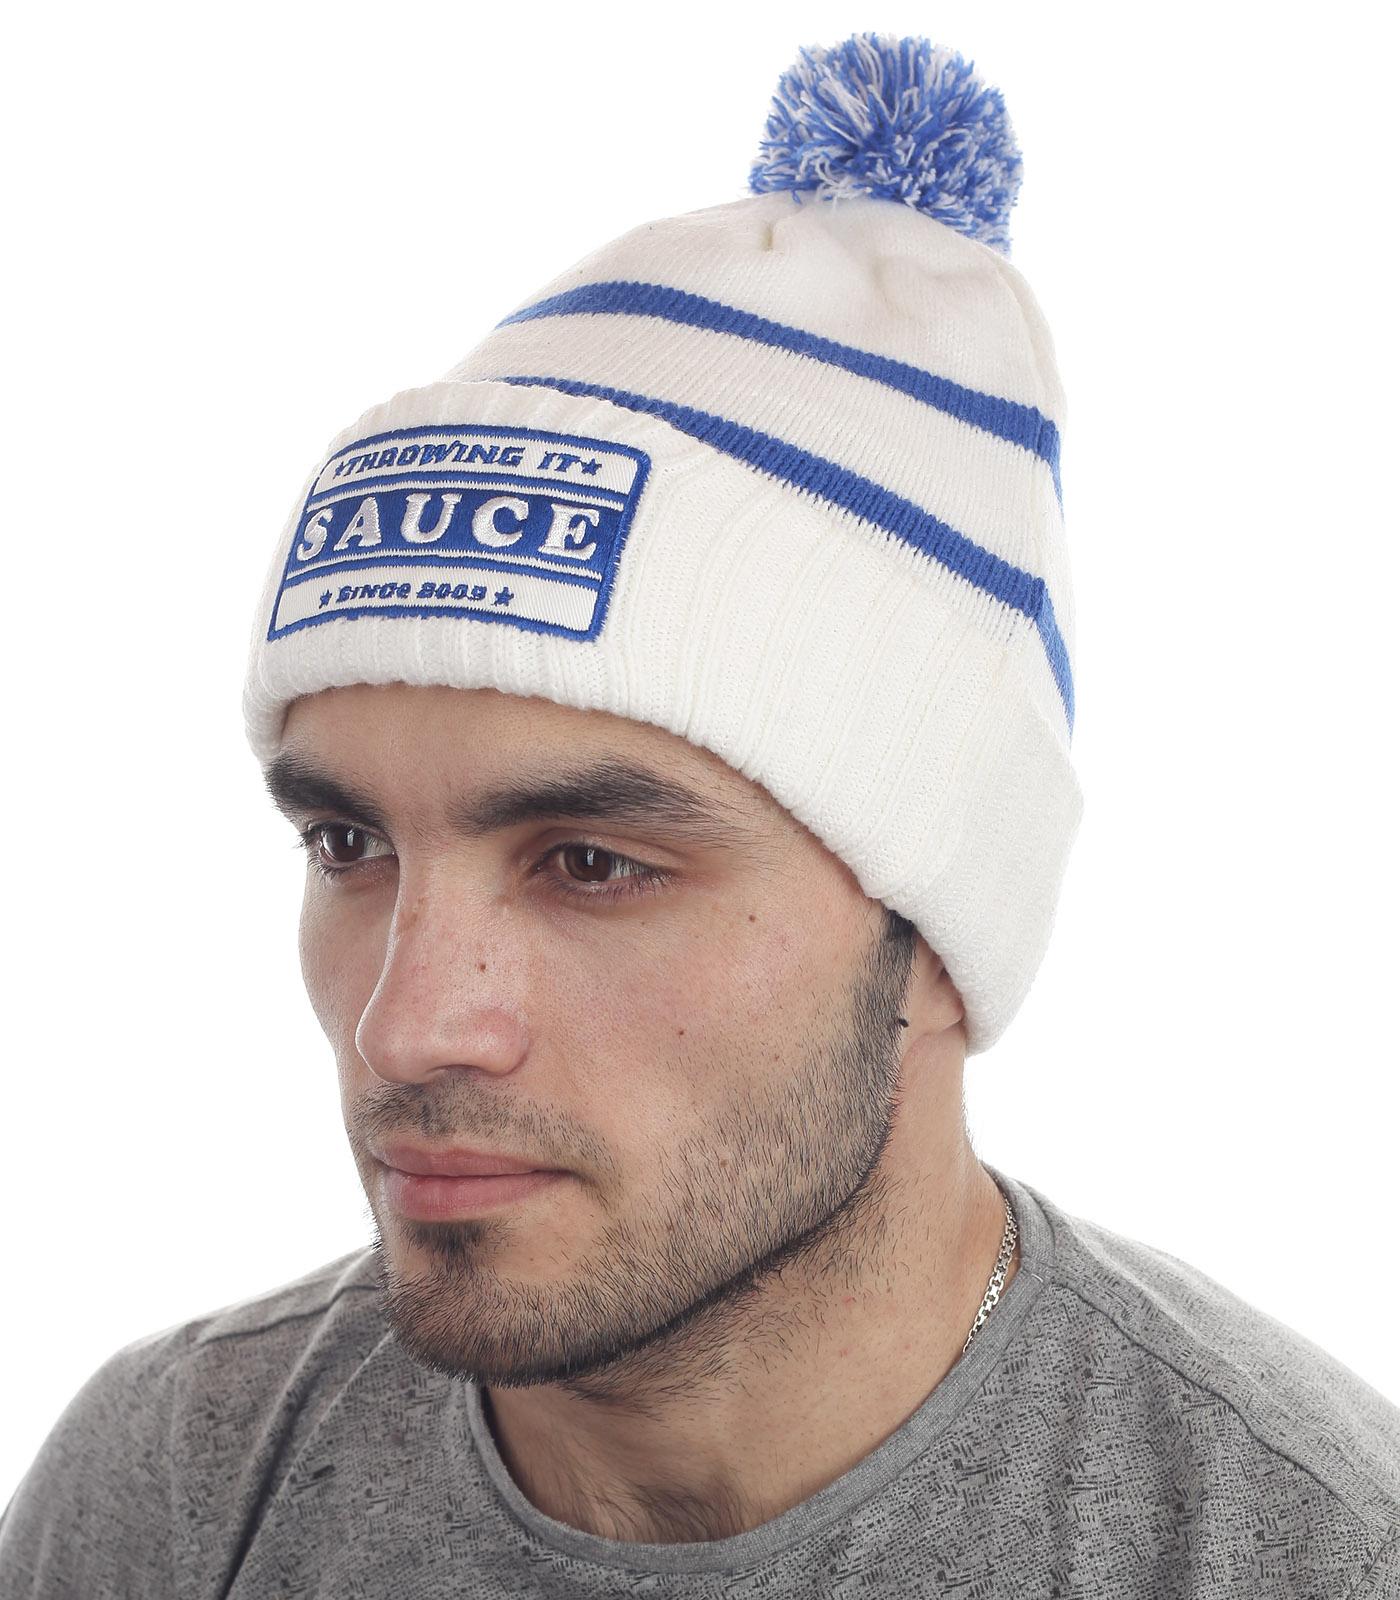 Мужская шапка Sauce с отворотом и бубоном. Модели в стиле Sport casual – тренд этой зимы. Больше никаких компромиссов: тепло, красиво, удобно, а если купить у нас, то и недорого!